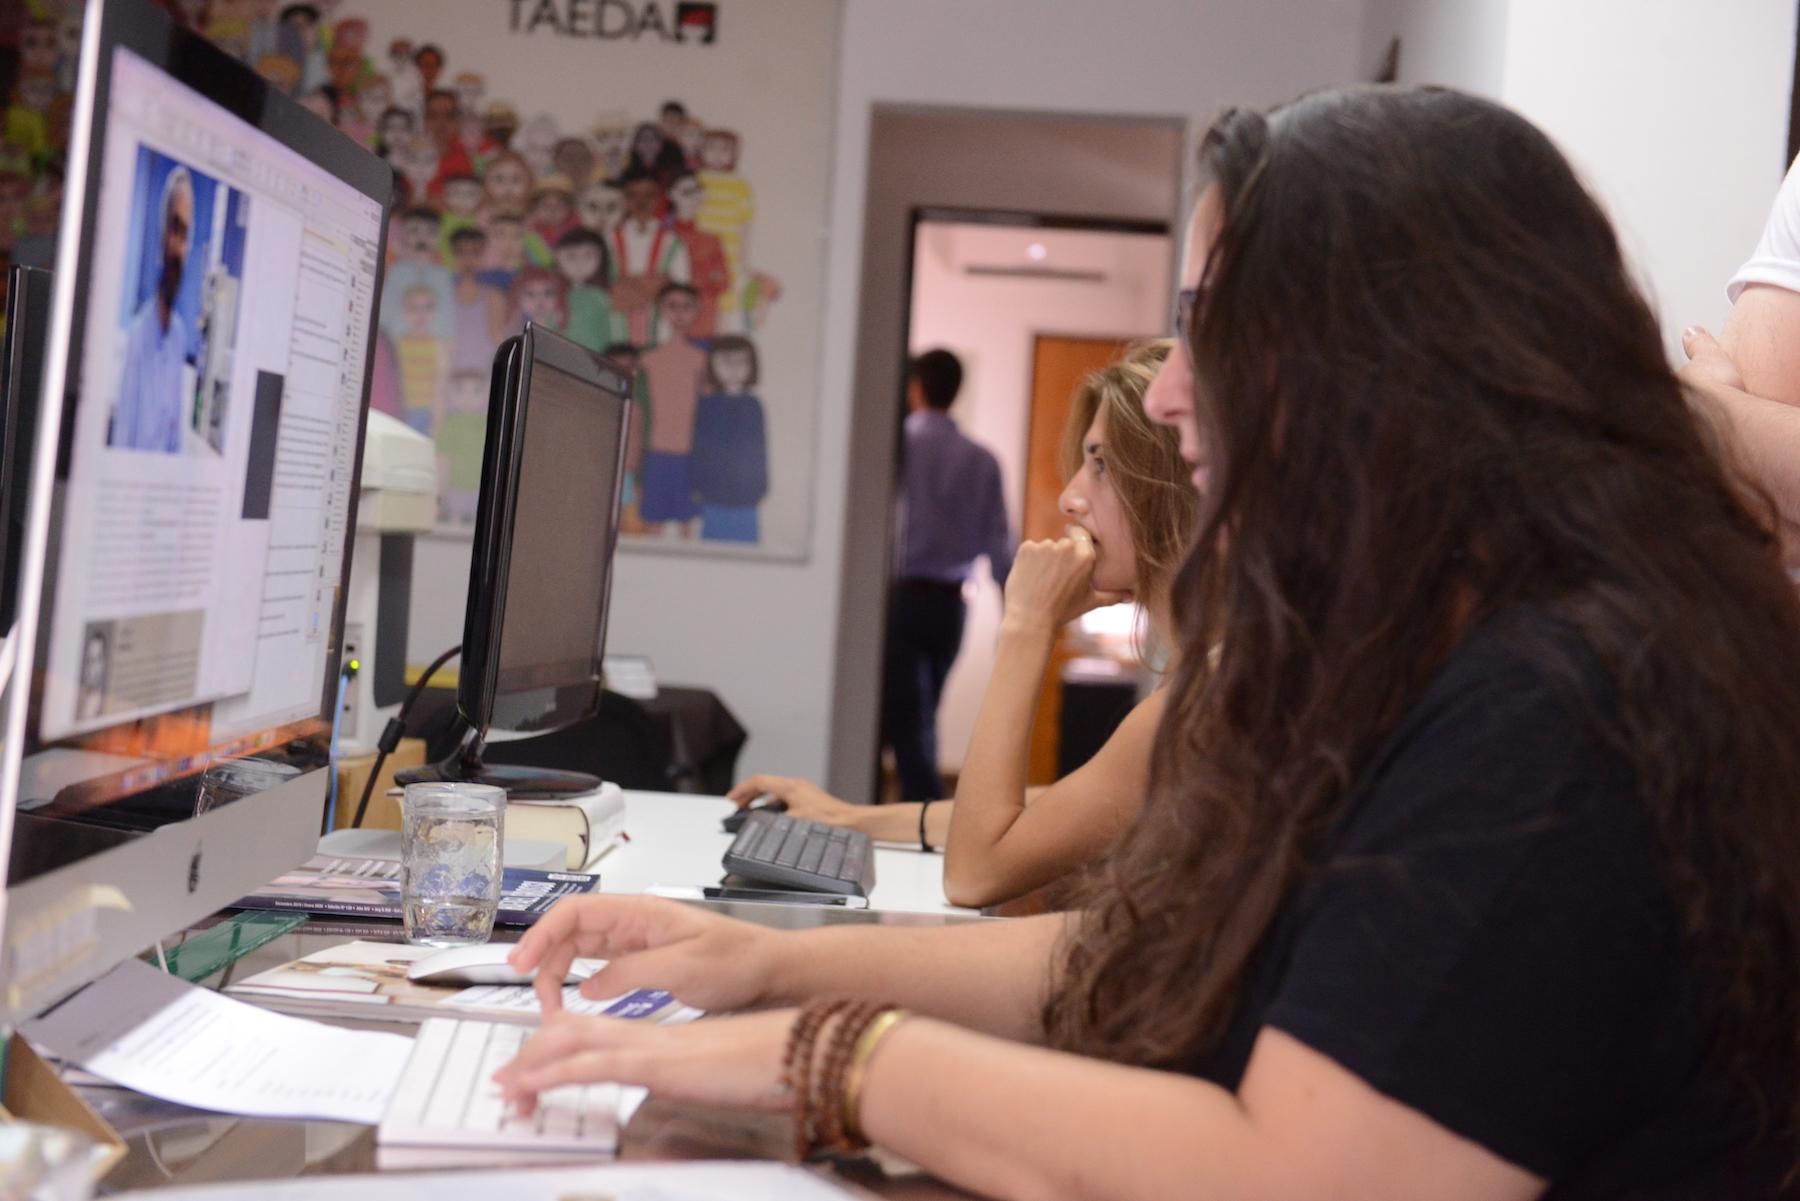 Taeda es un espacio para la diversidad de opiniones para un público amplio y plural.